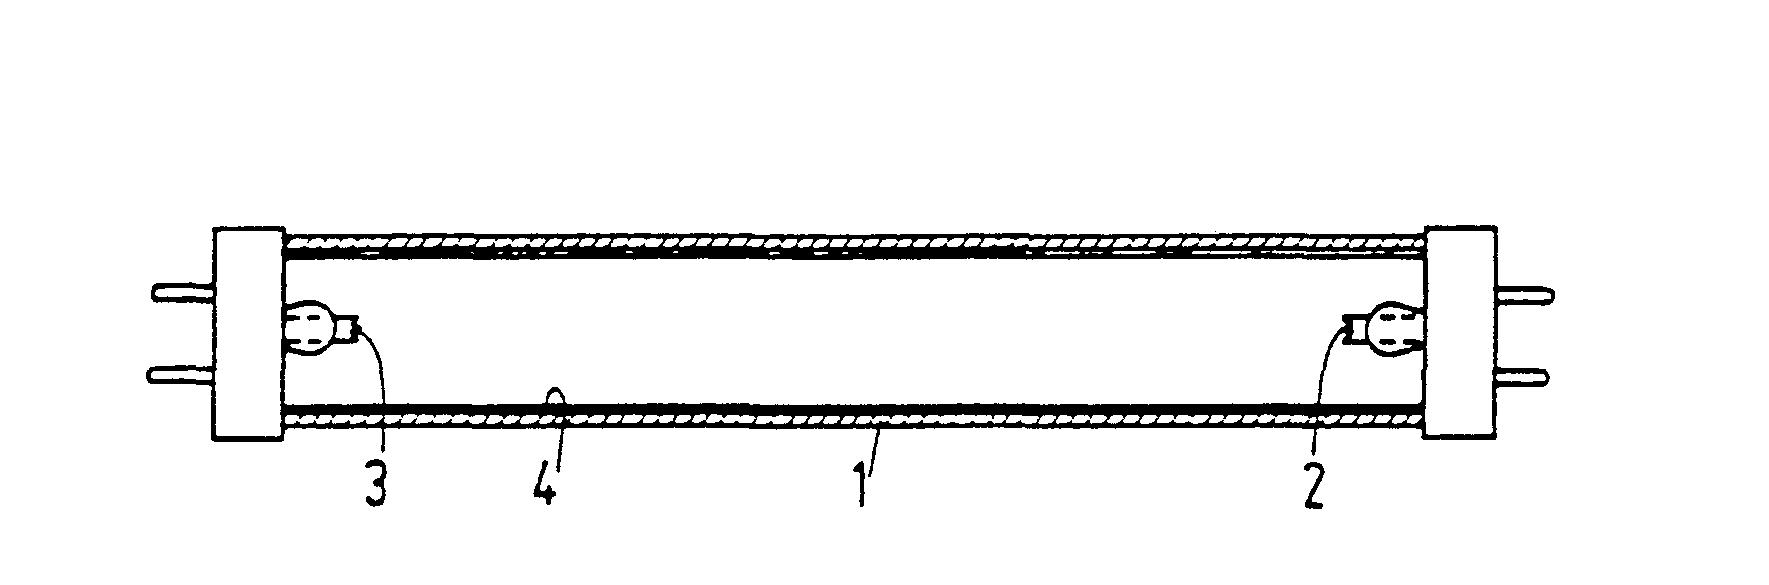 飞利浦cd303电路图